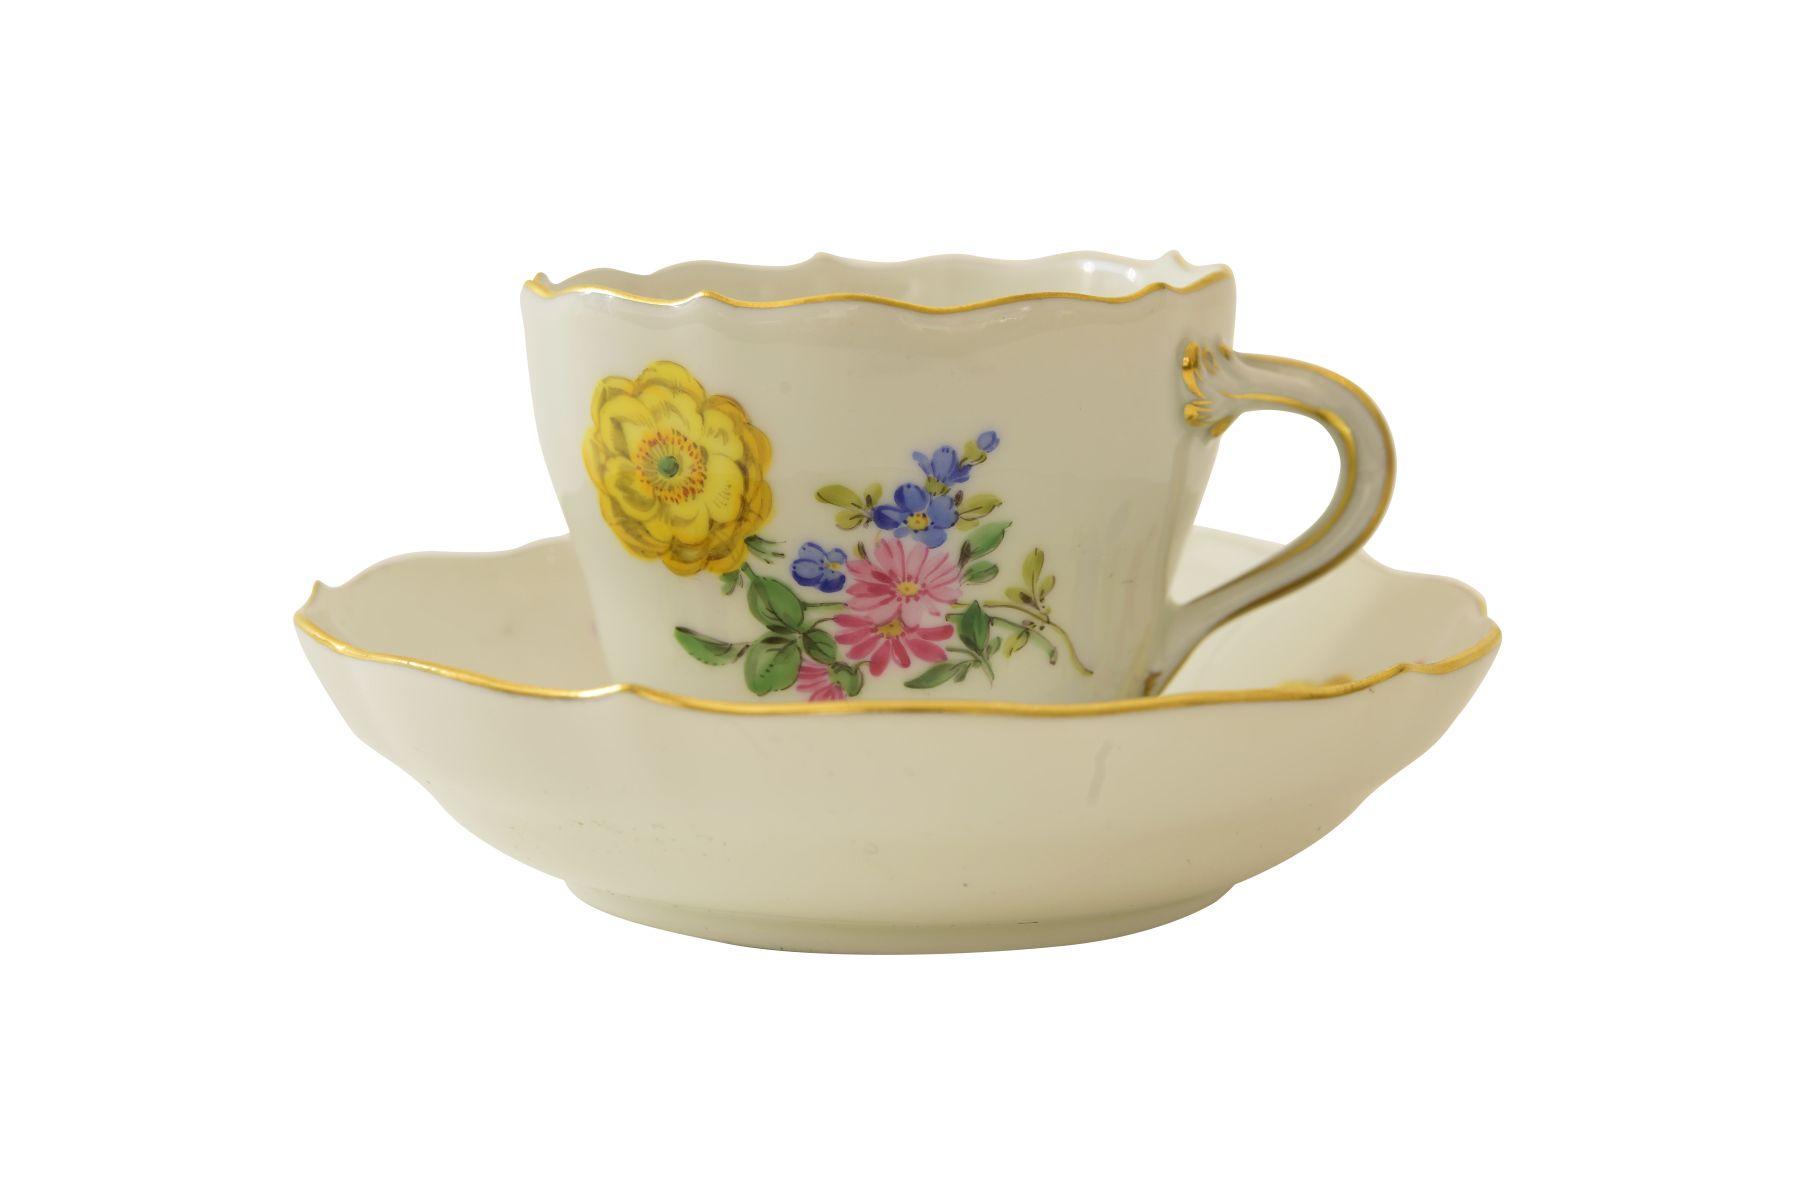 #113 Tea cup with lower bowl Meissen | Tasse mit Unterschale, Meissen Image